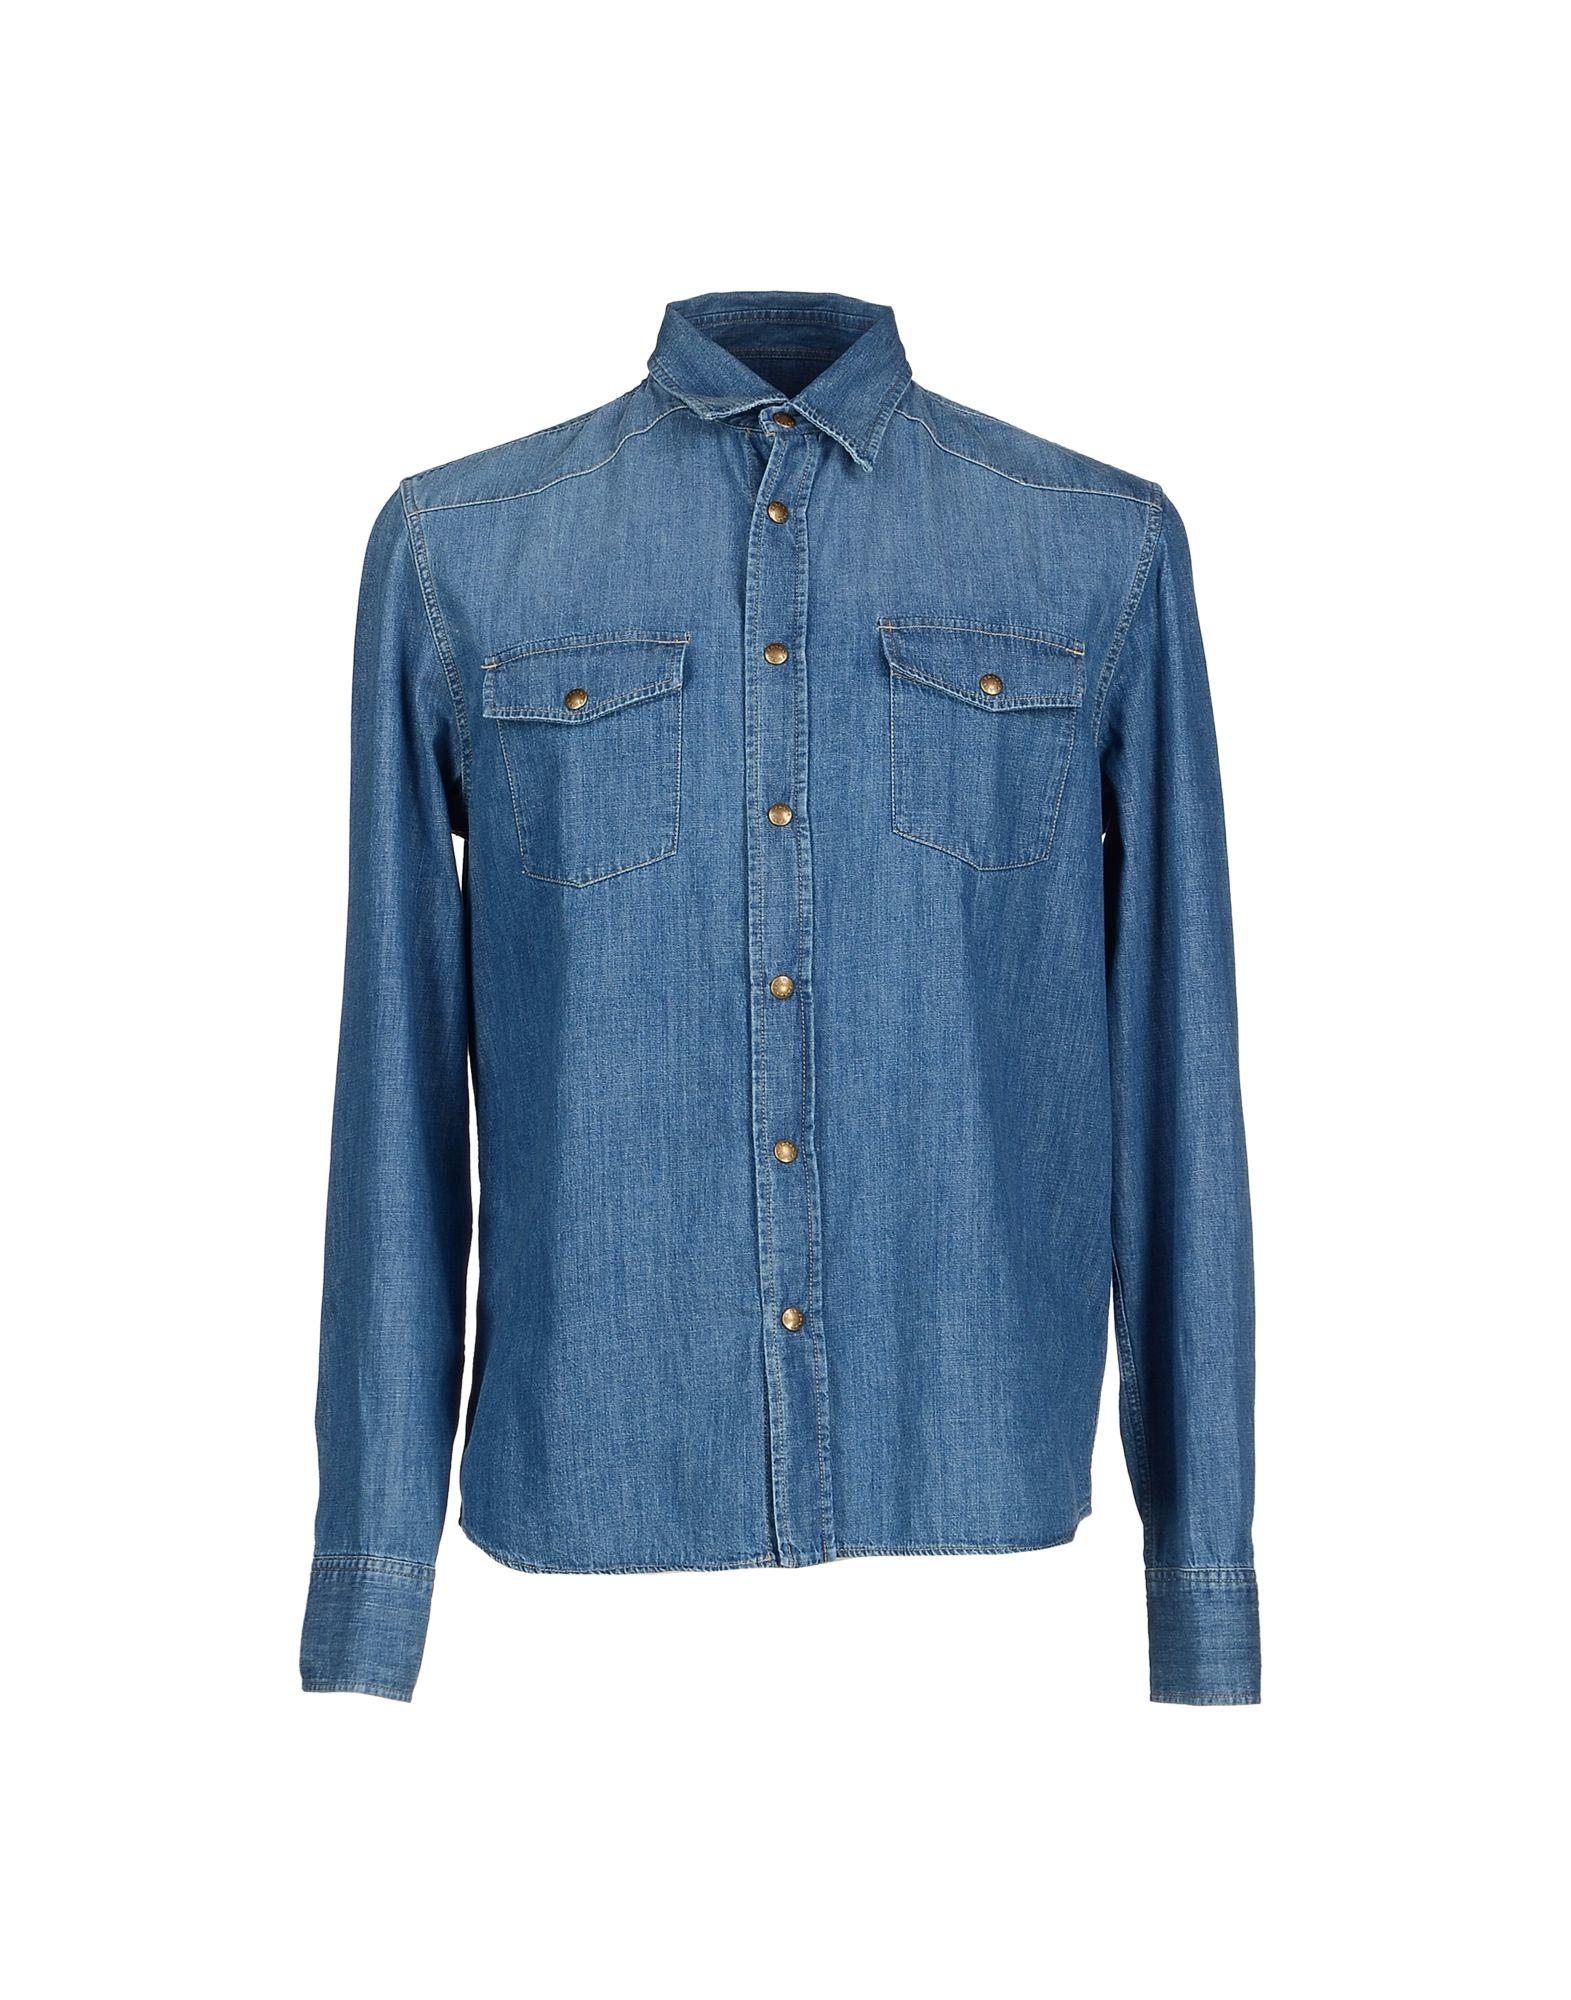 Prada Denim Shirt in Blue for Men